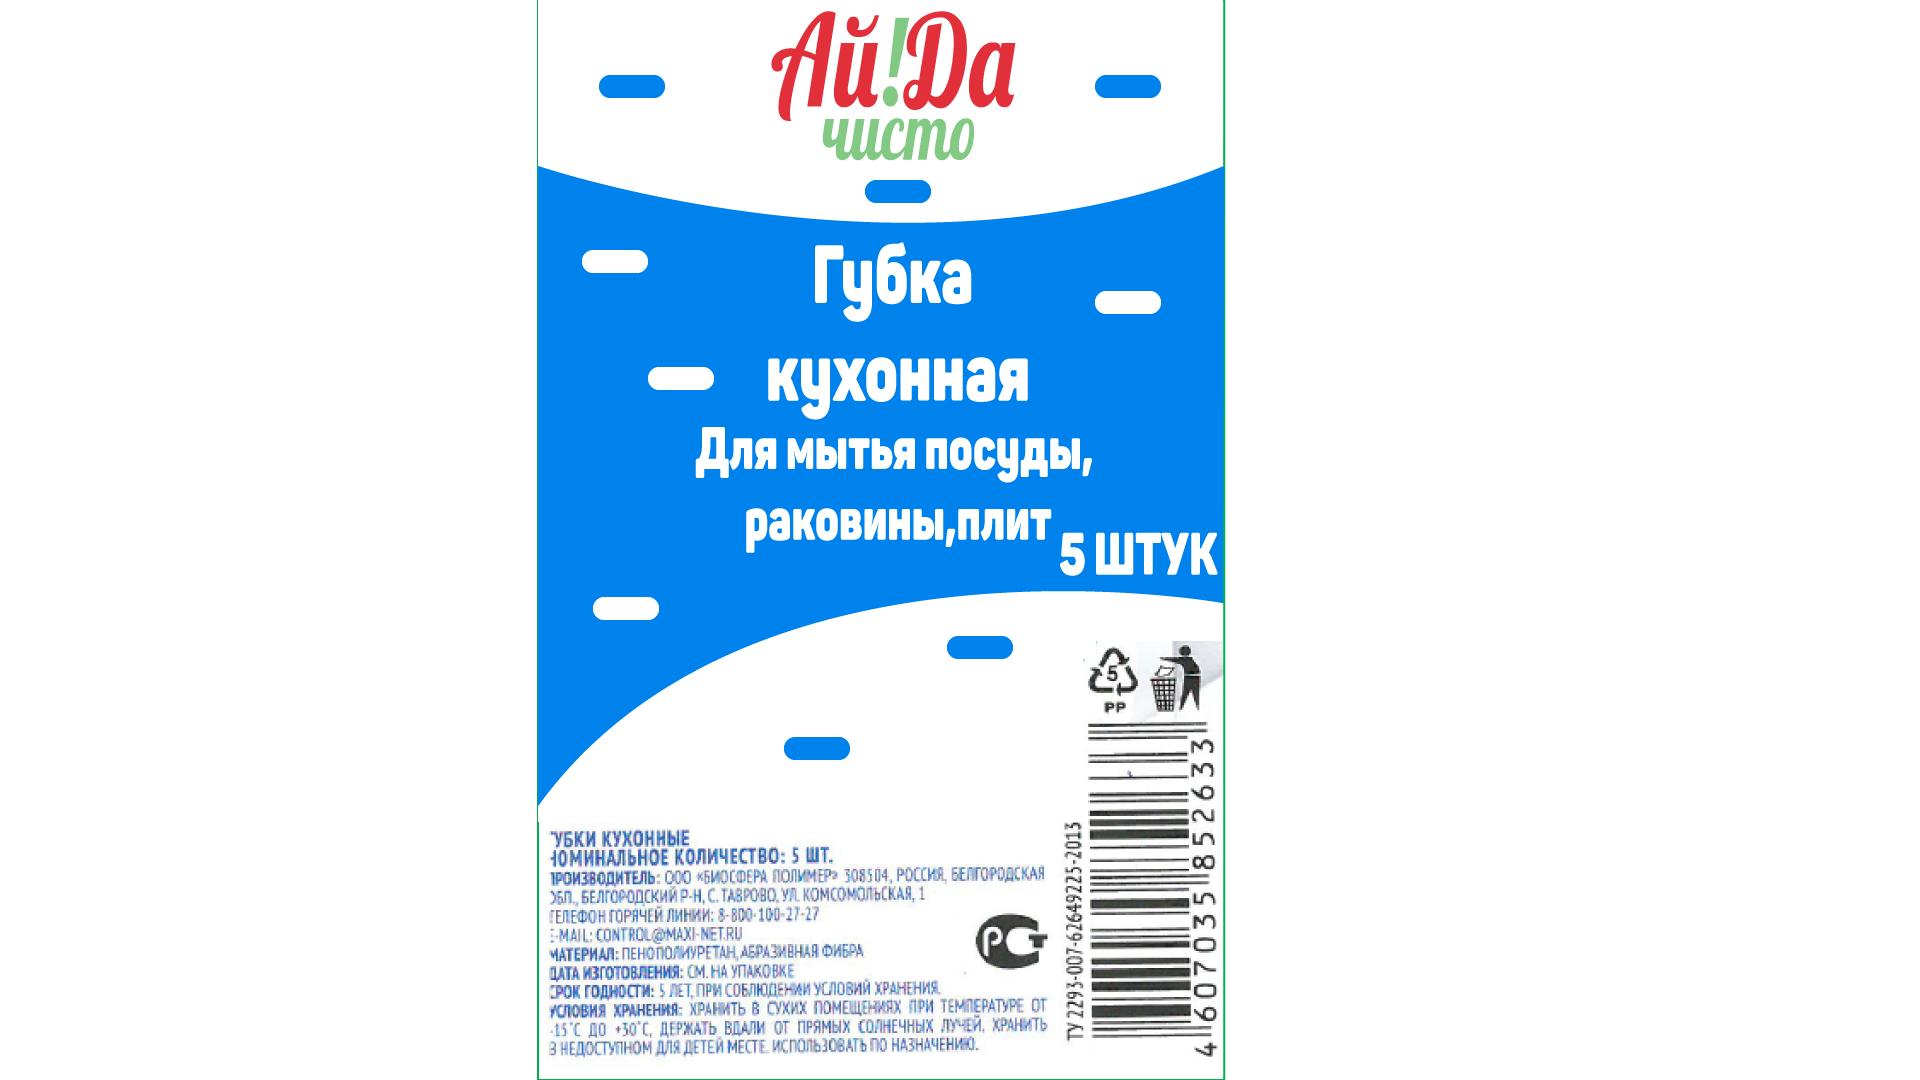 Дизайн логотипа и упаковки СТМ фото f_2055c55a75352756.png